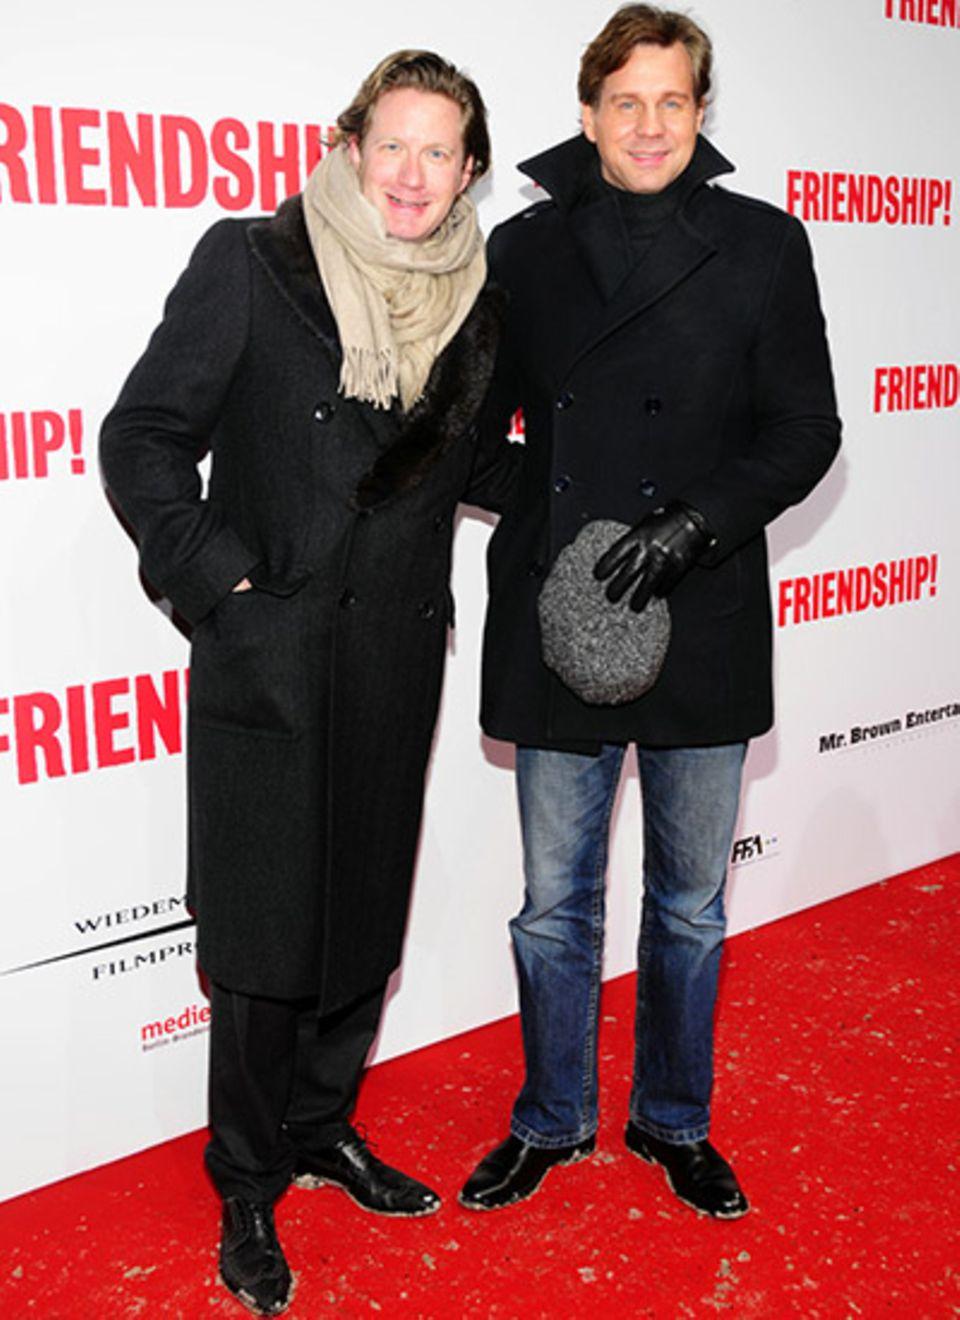 Co-Produzent David Groenewold und der Schauspieler Thomas Heinze sind froh der Winterkälte entflohen zu sein.